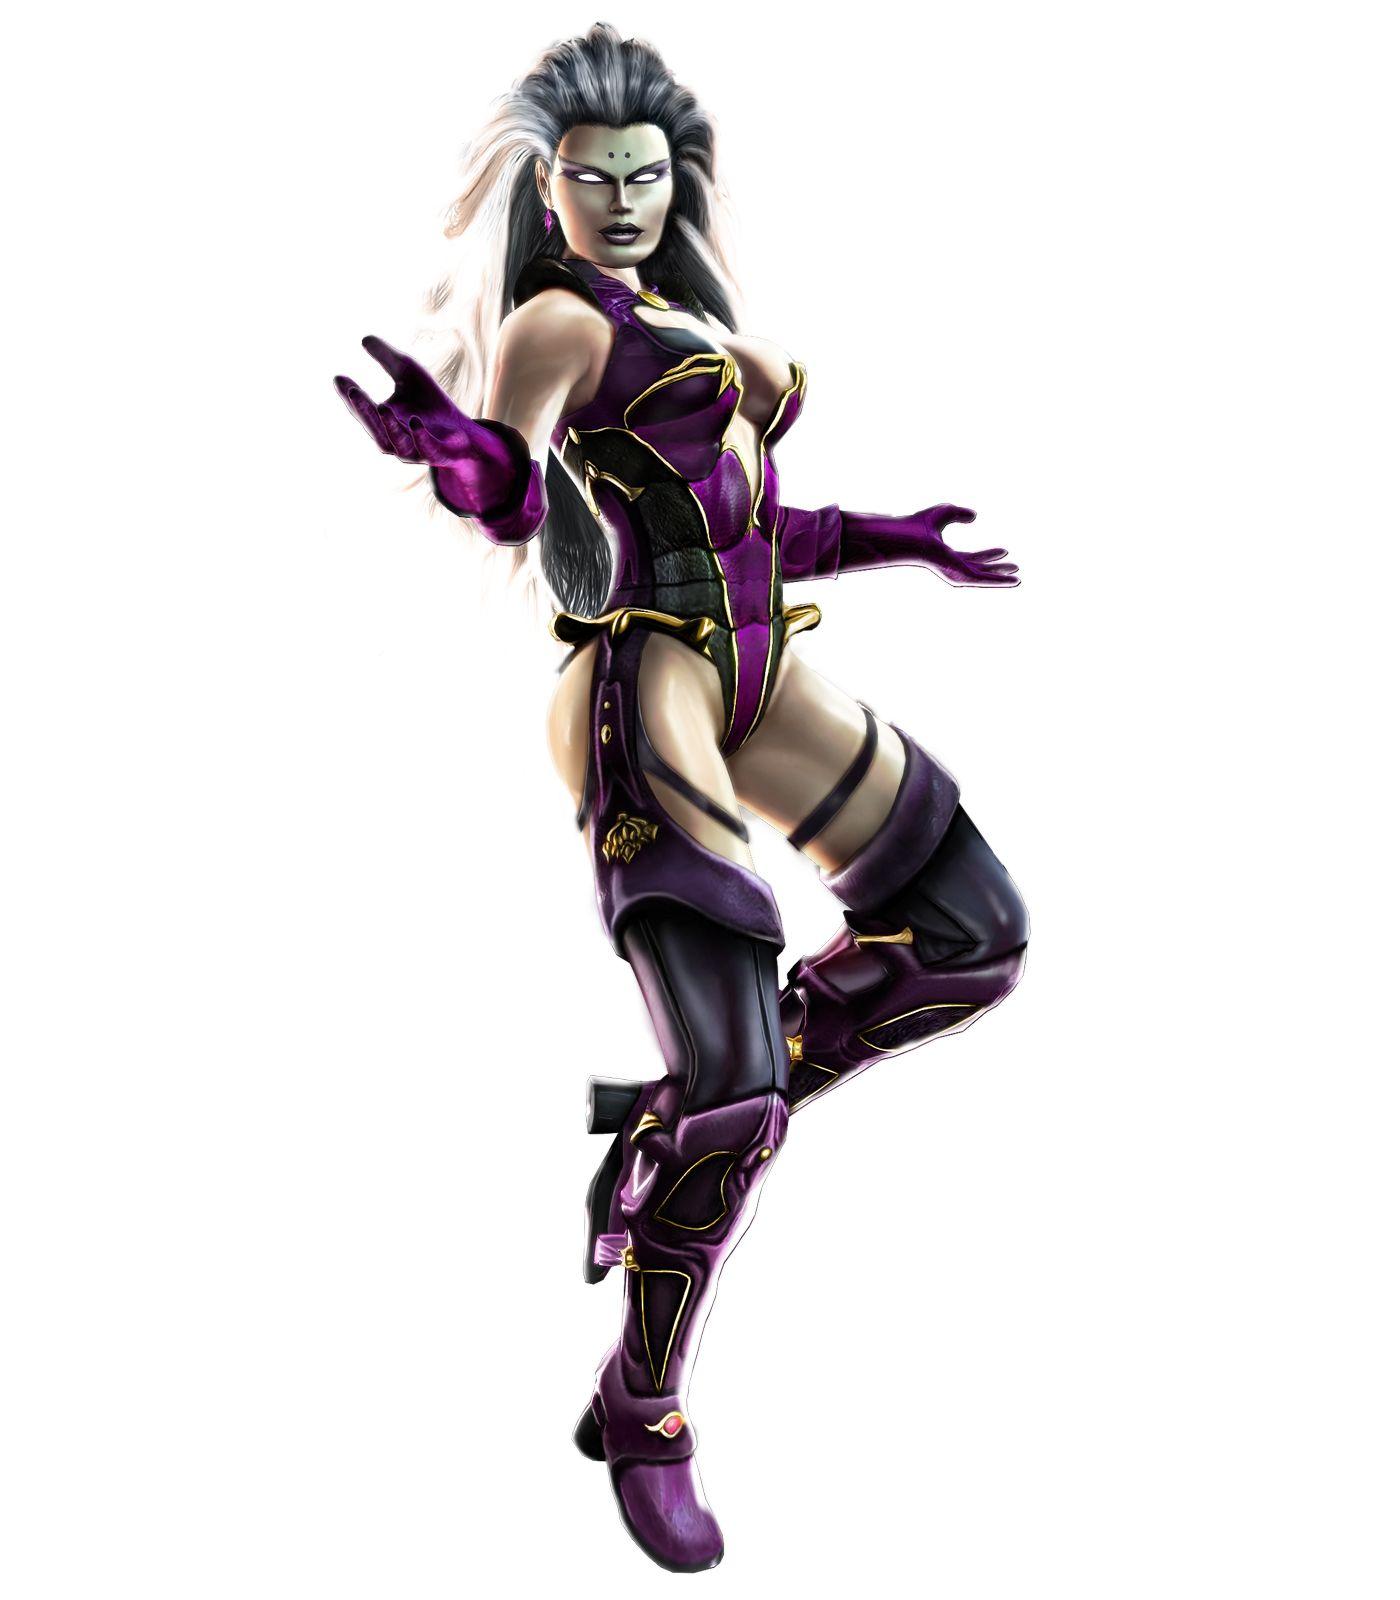 Sindel Origin Mortal Kombat 3 Mortal Kombat Characters